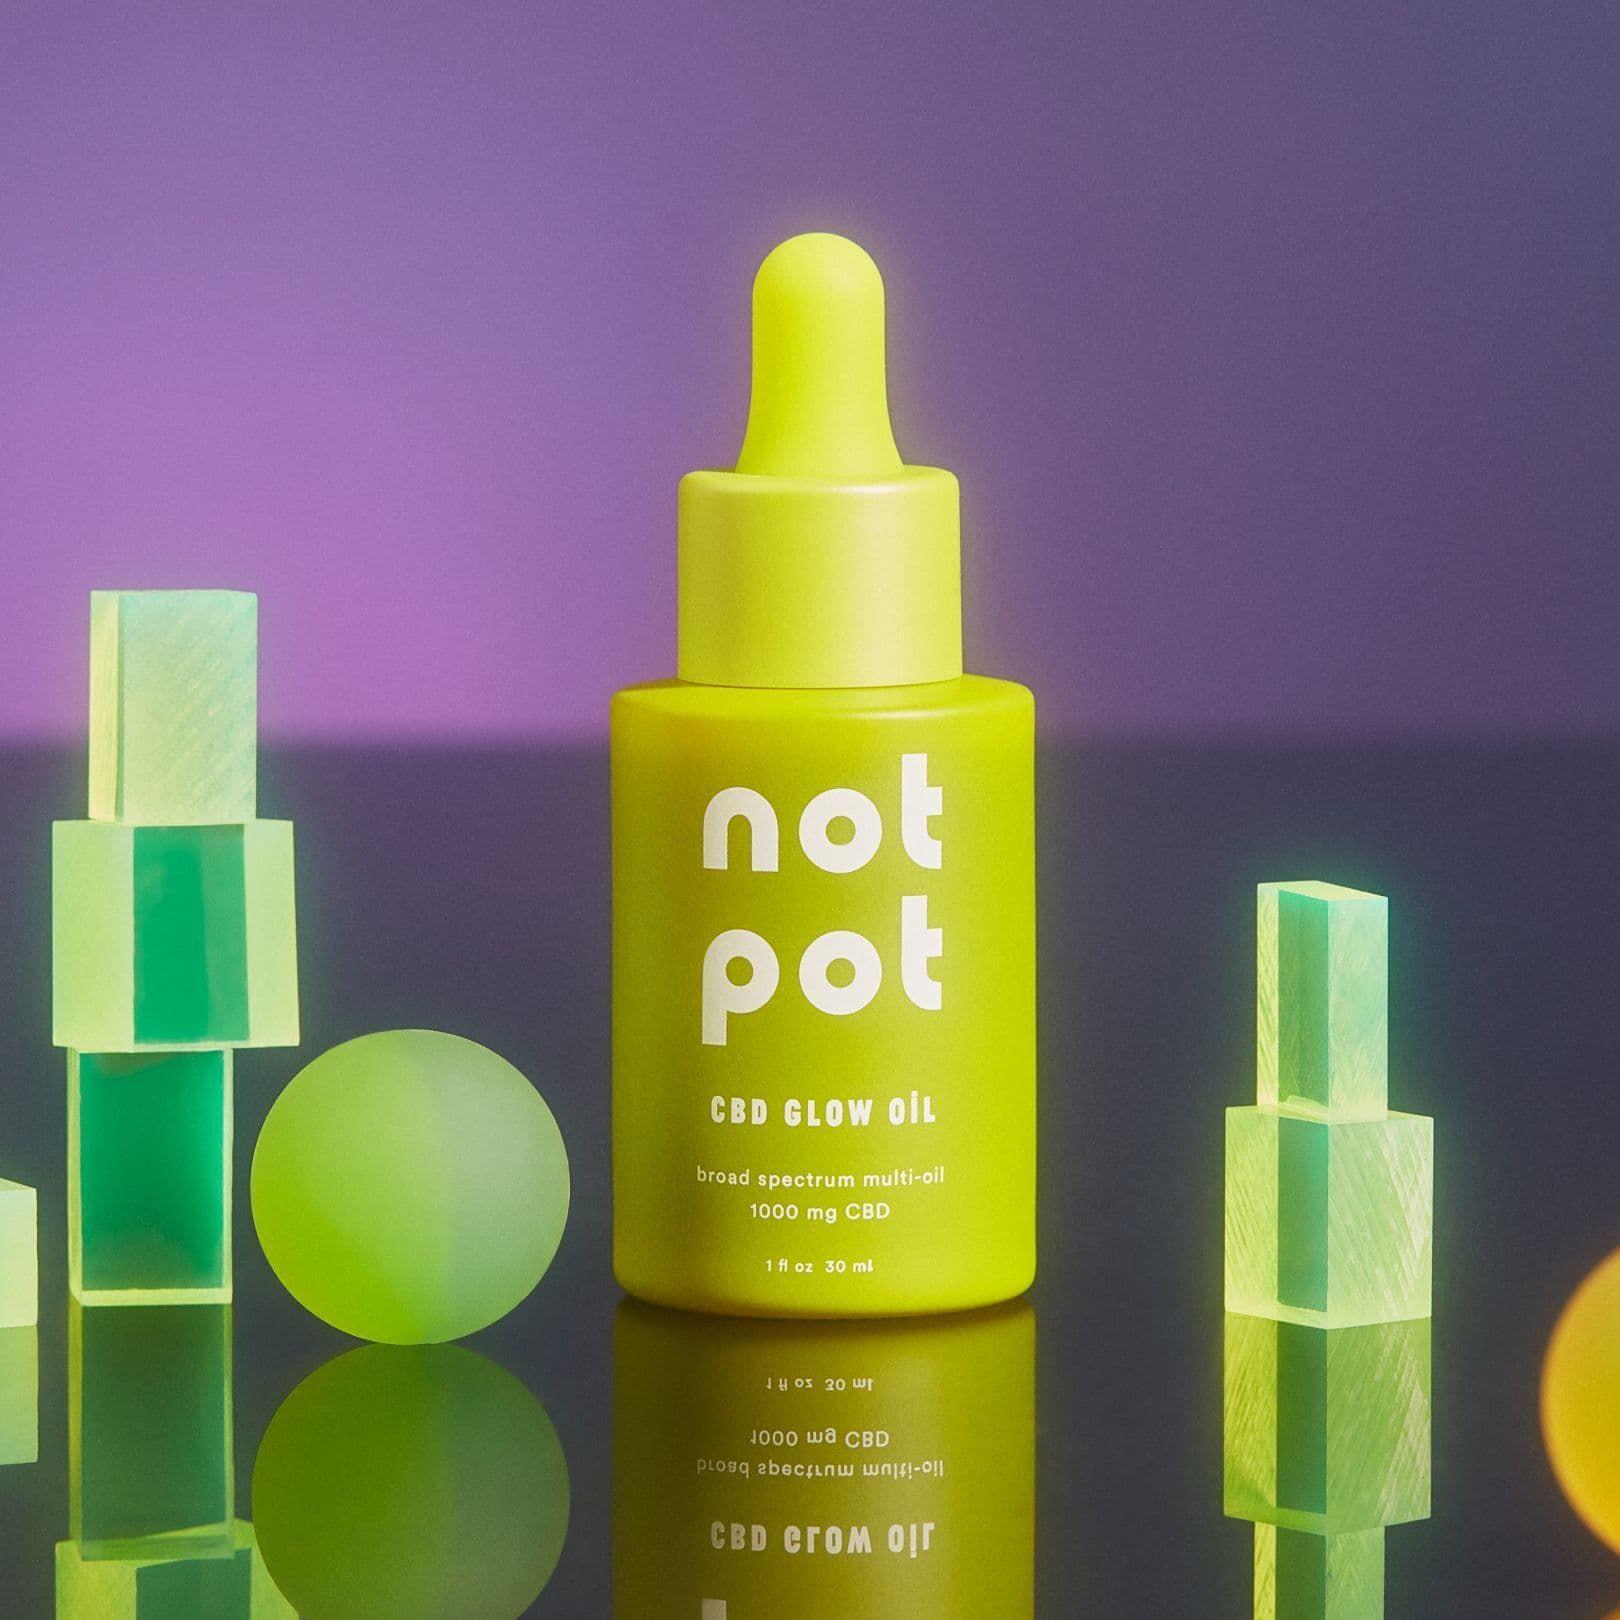 Glow Oil